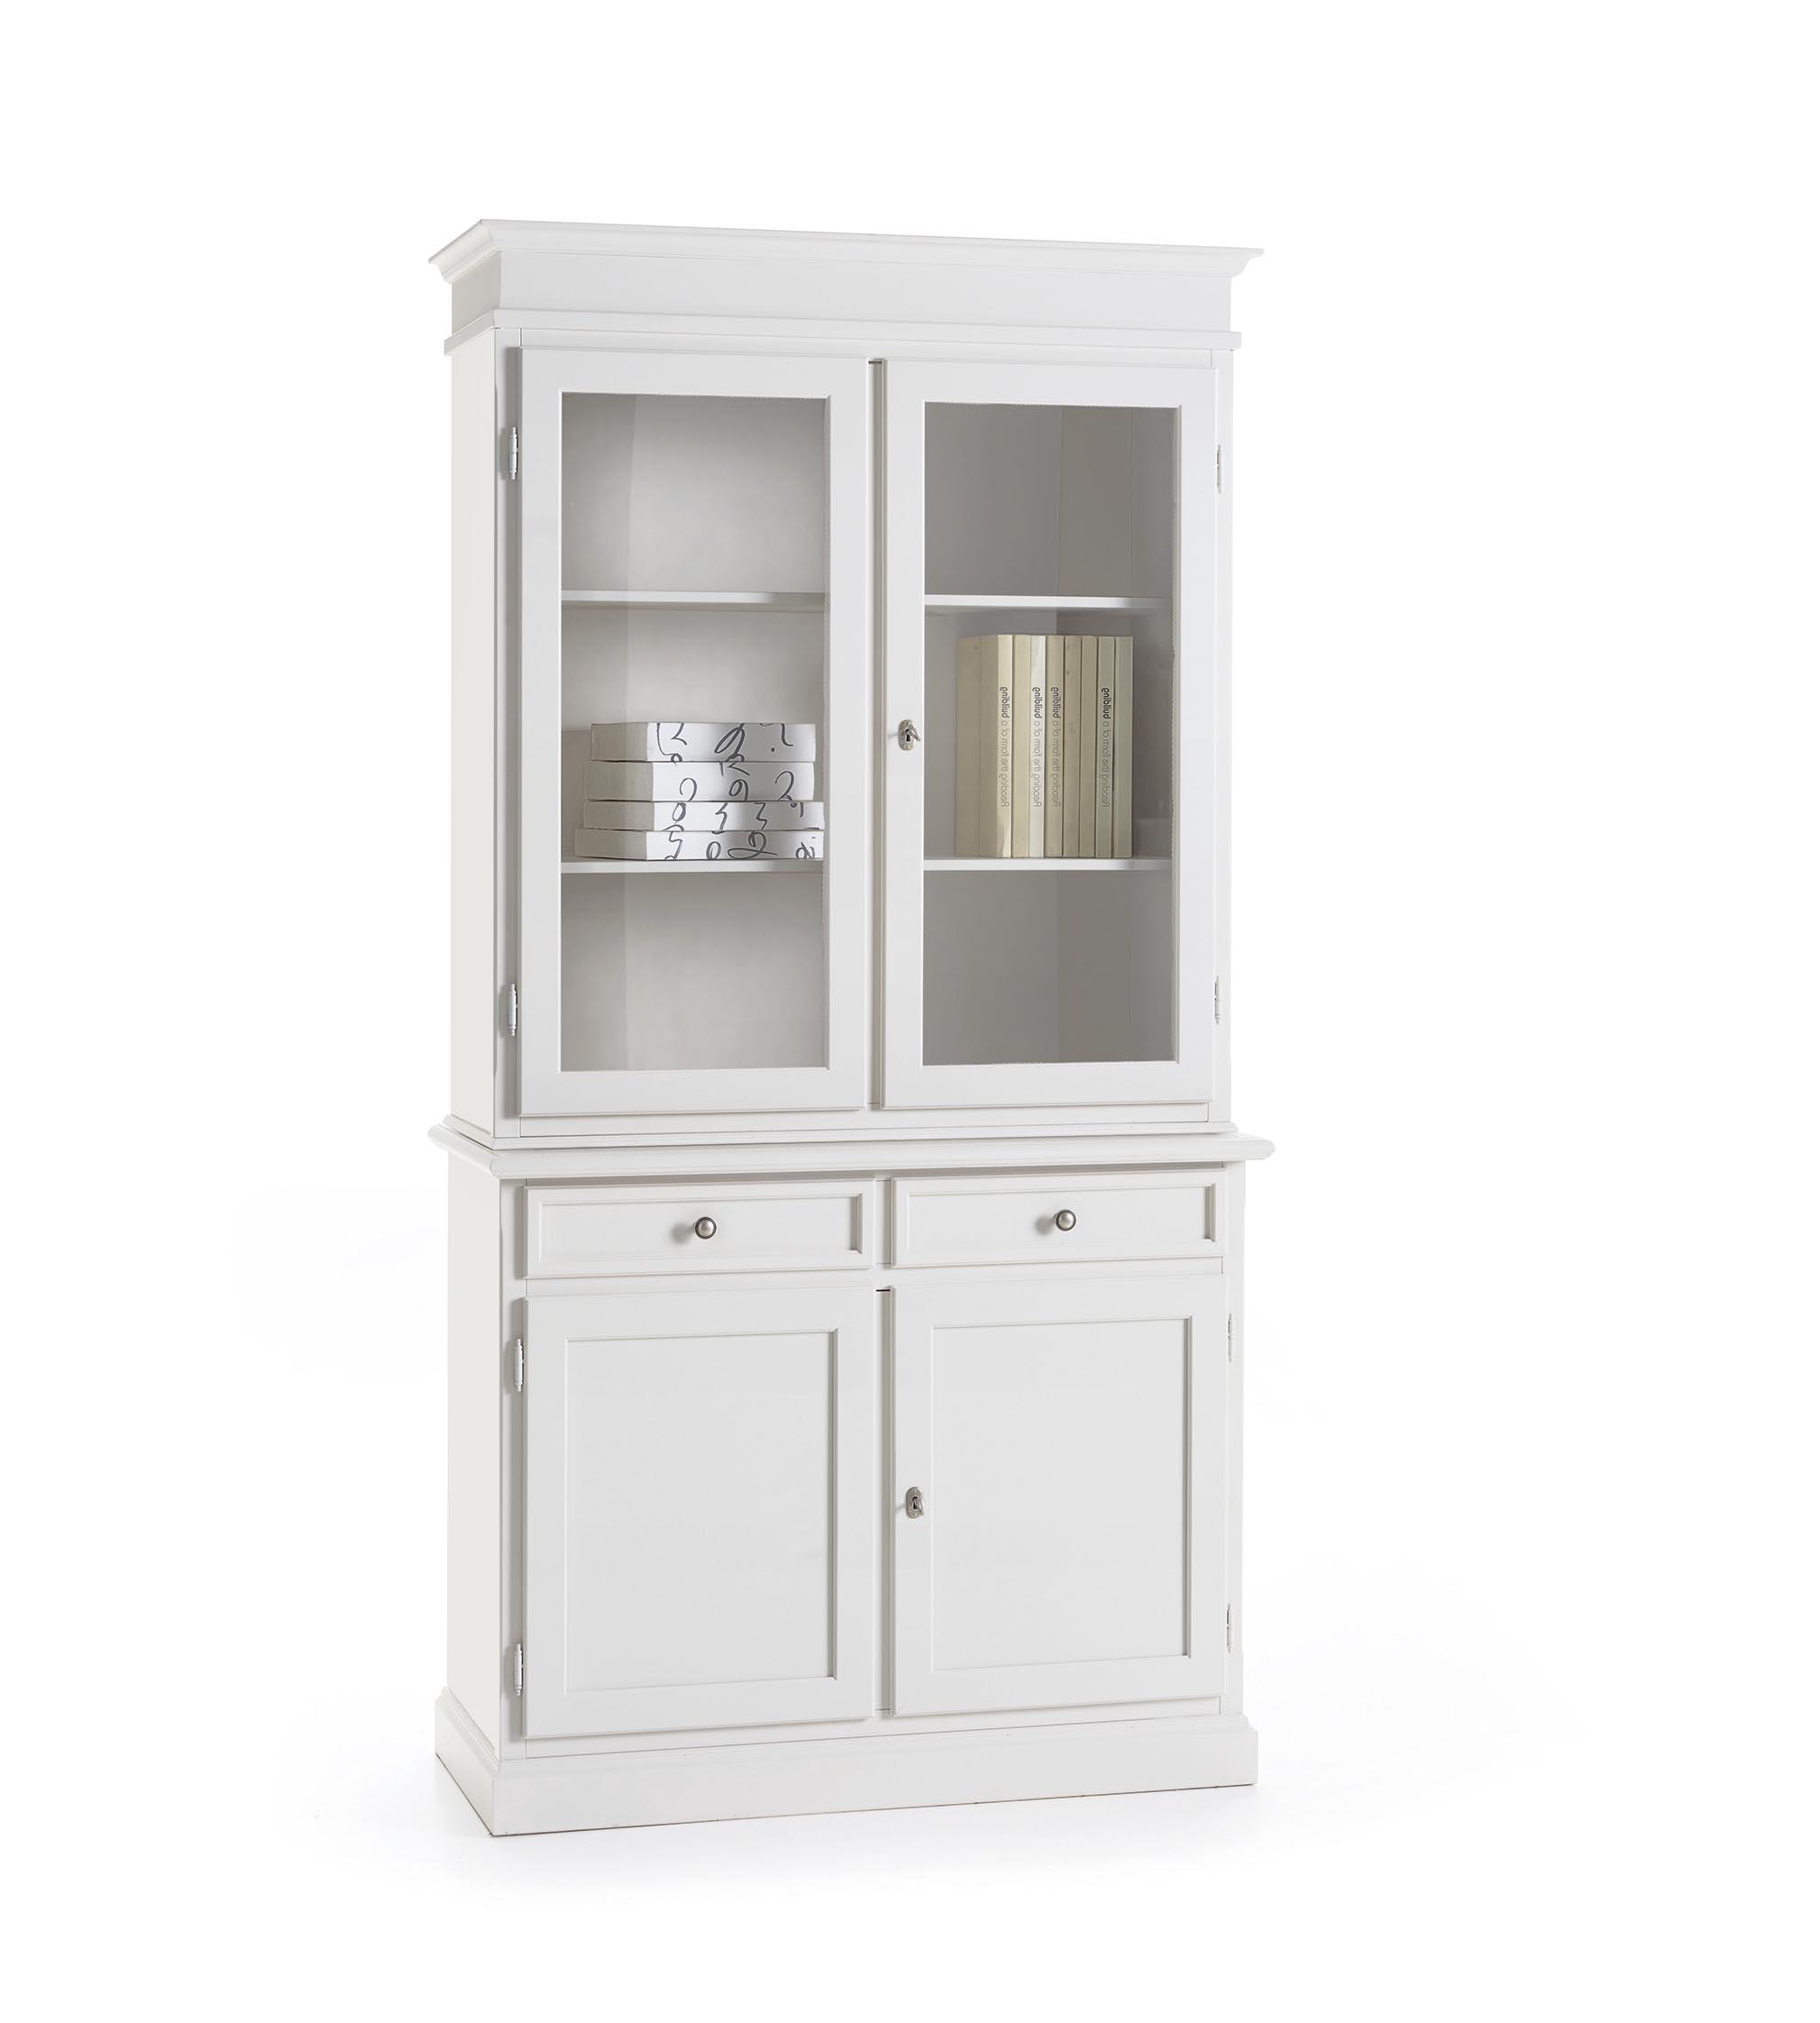 Vetrina in legno bianca stile classico - Soggiorni a prezzi scontati